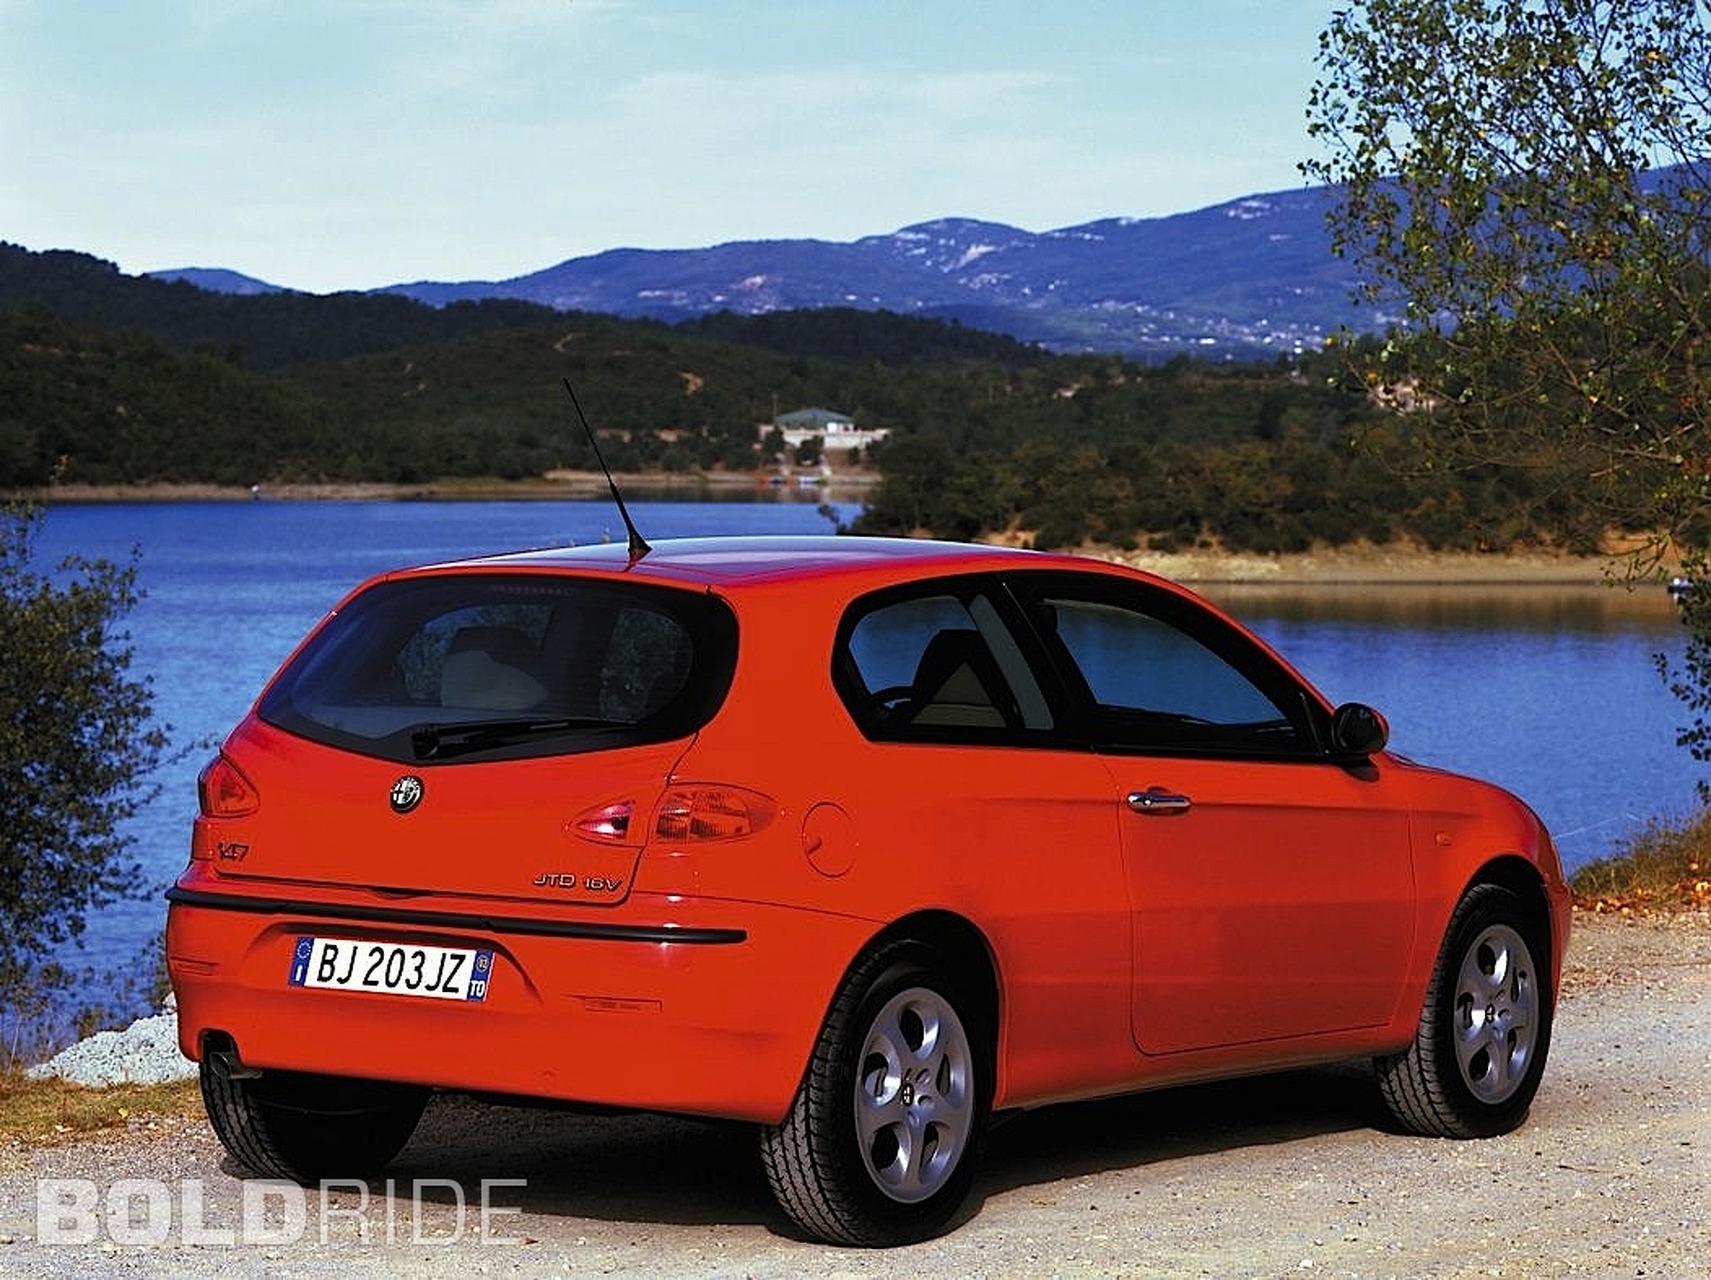 Alfa Romeo 147 JTD 16V